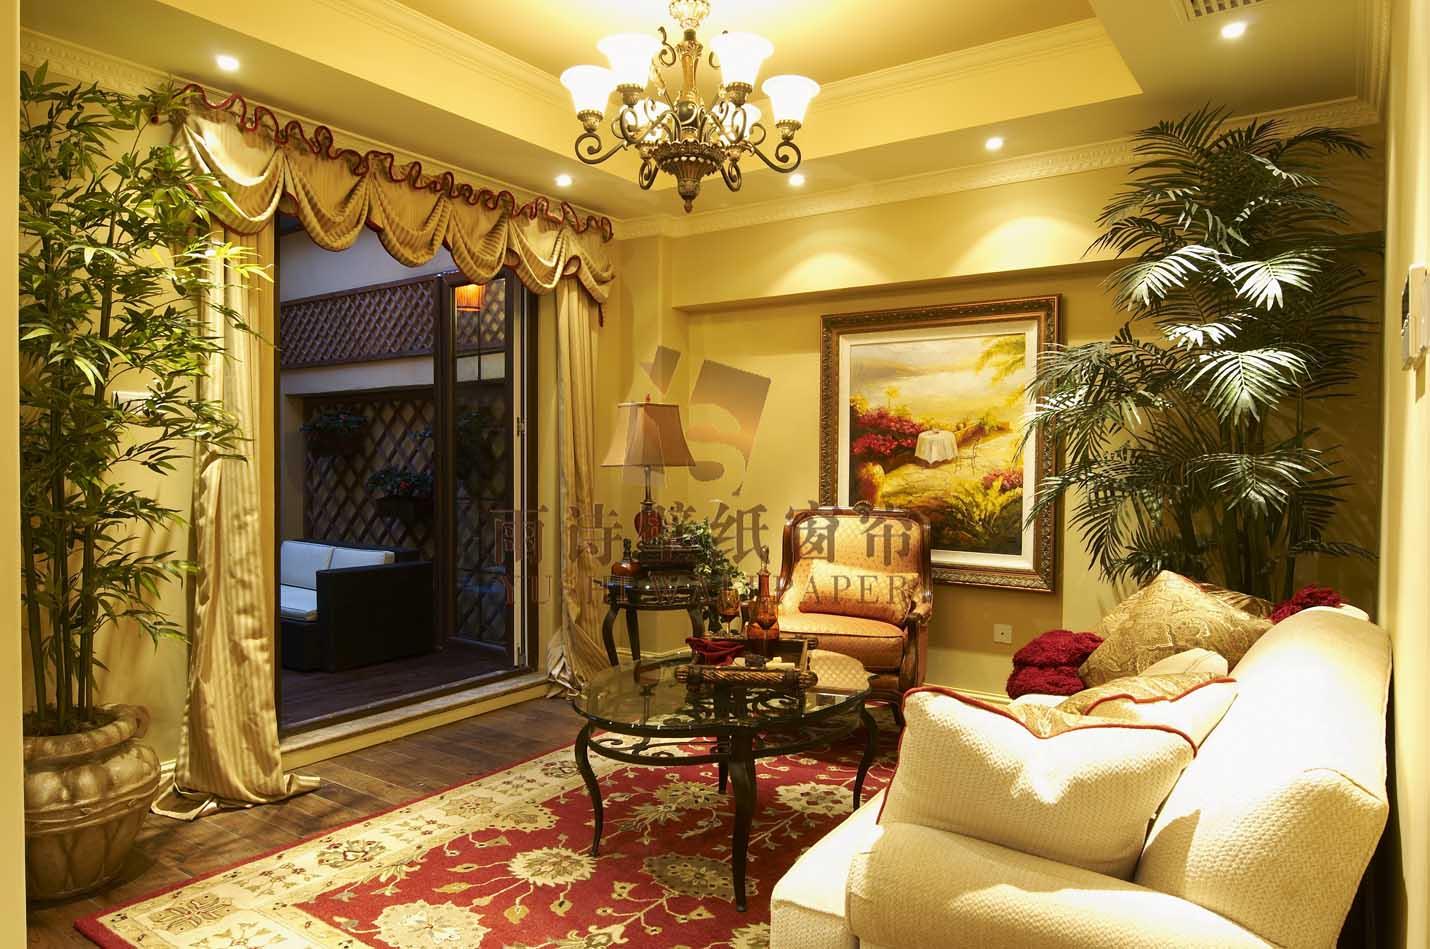 雨诗壁纸窗帘之简约 美式窗帘搭配效果-产品价格